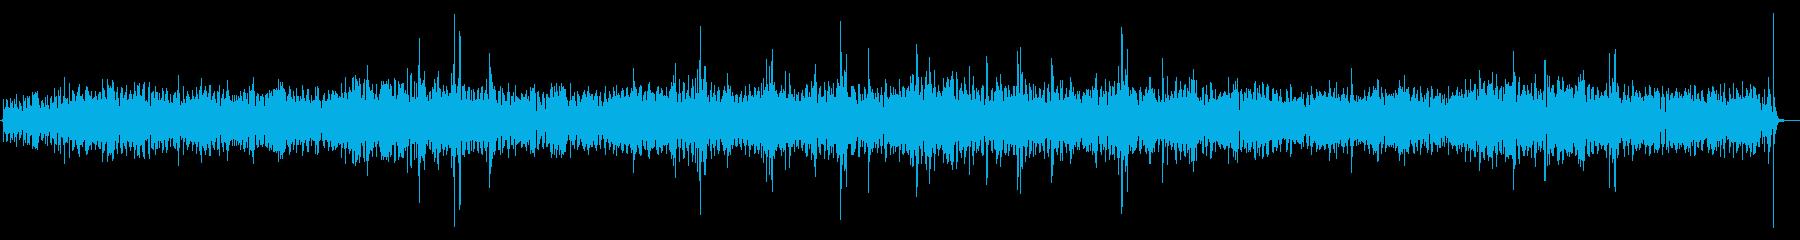 POP|愉快で楽しい!明るい行進曲BGMの再生済みの波形